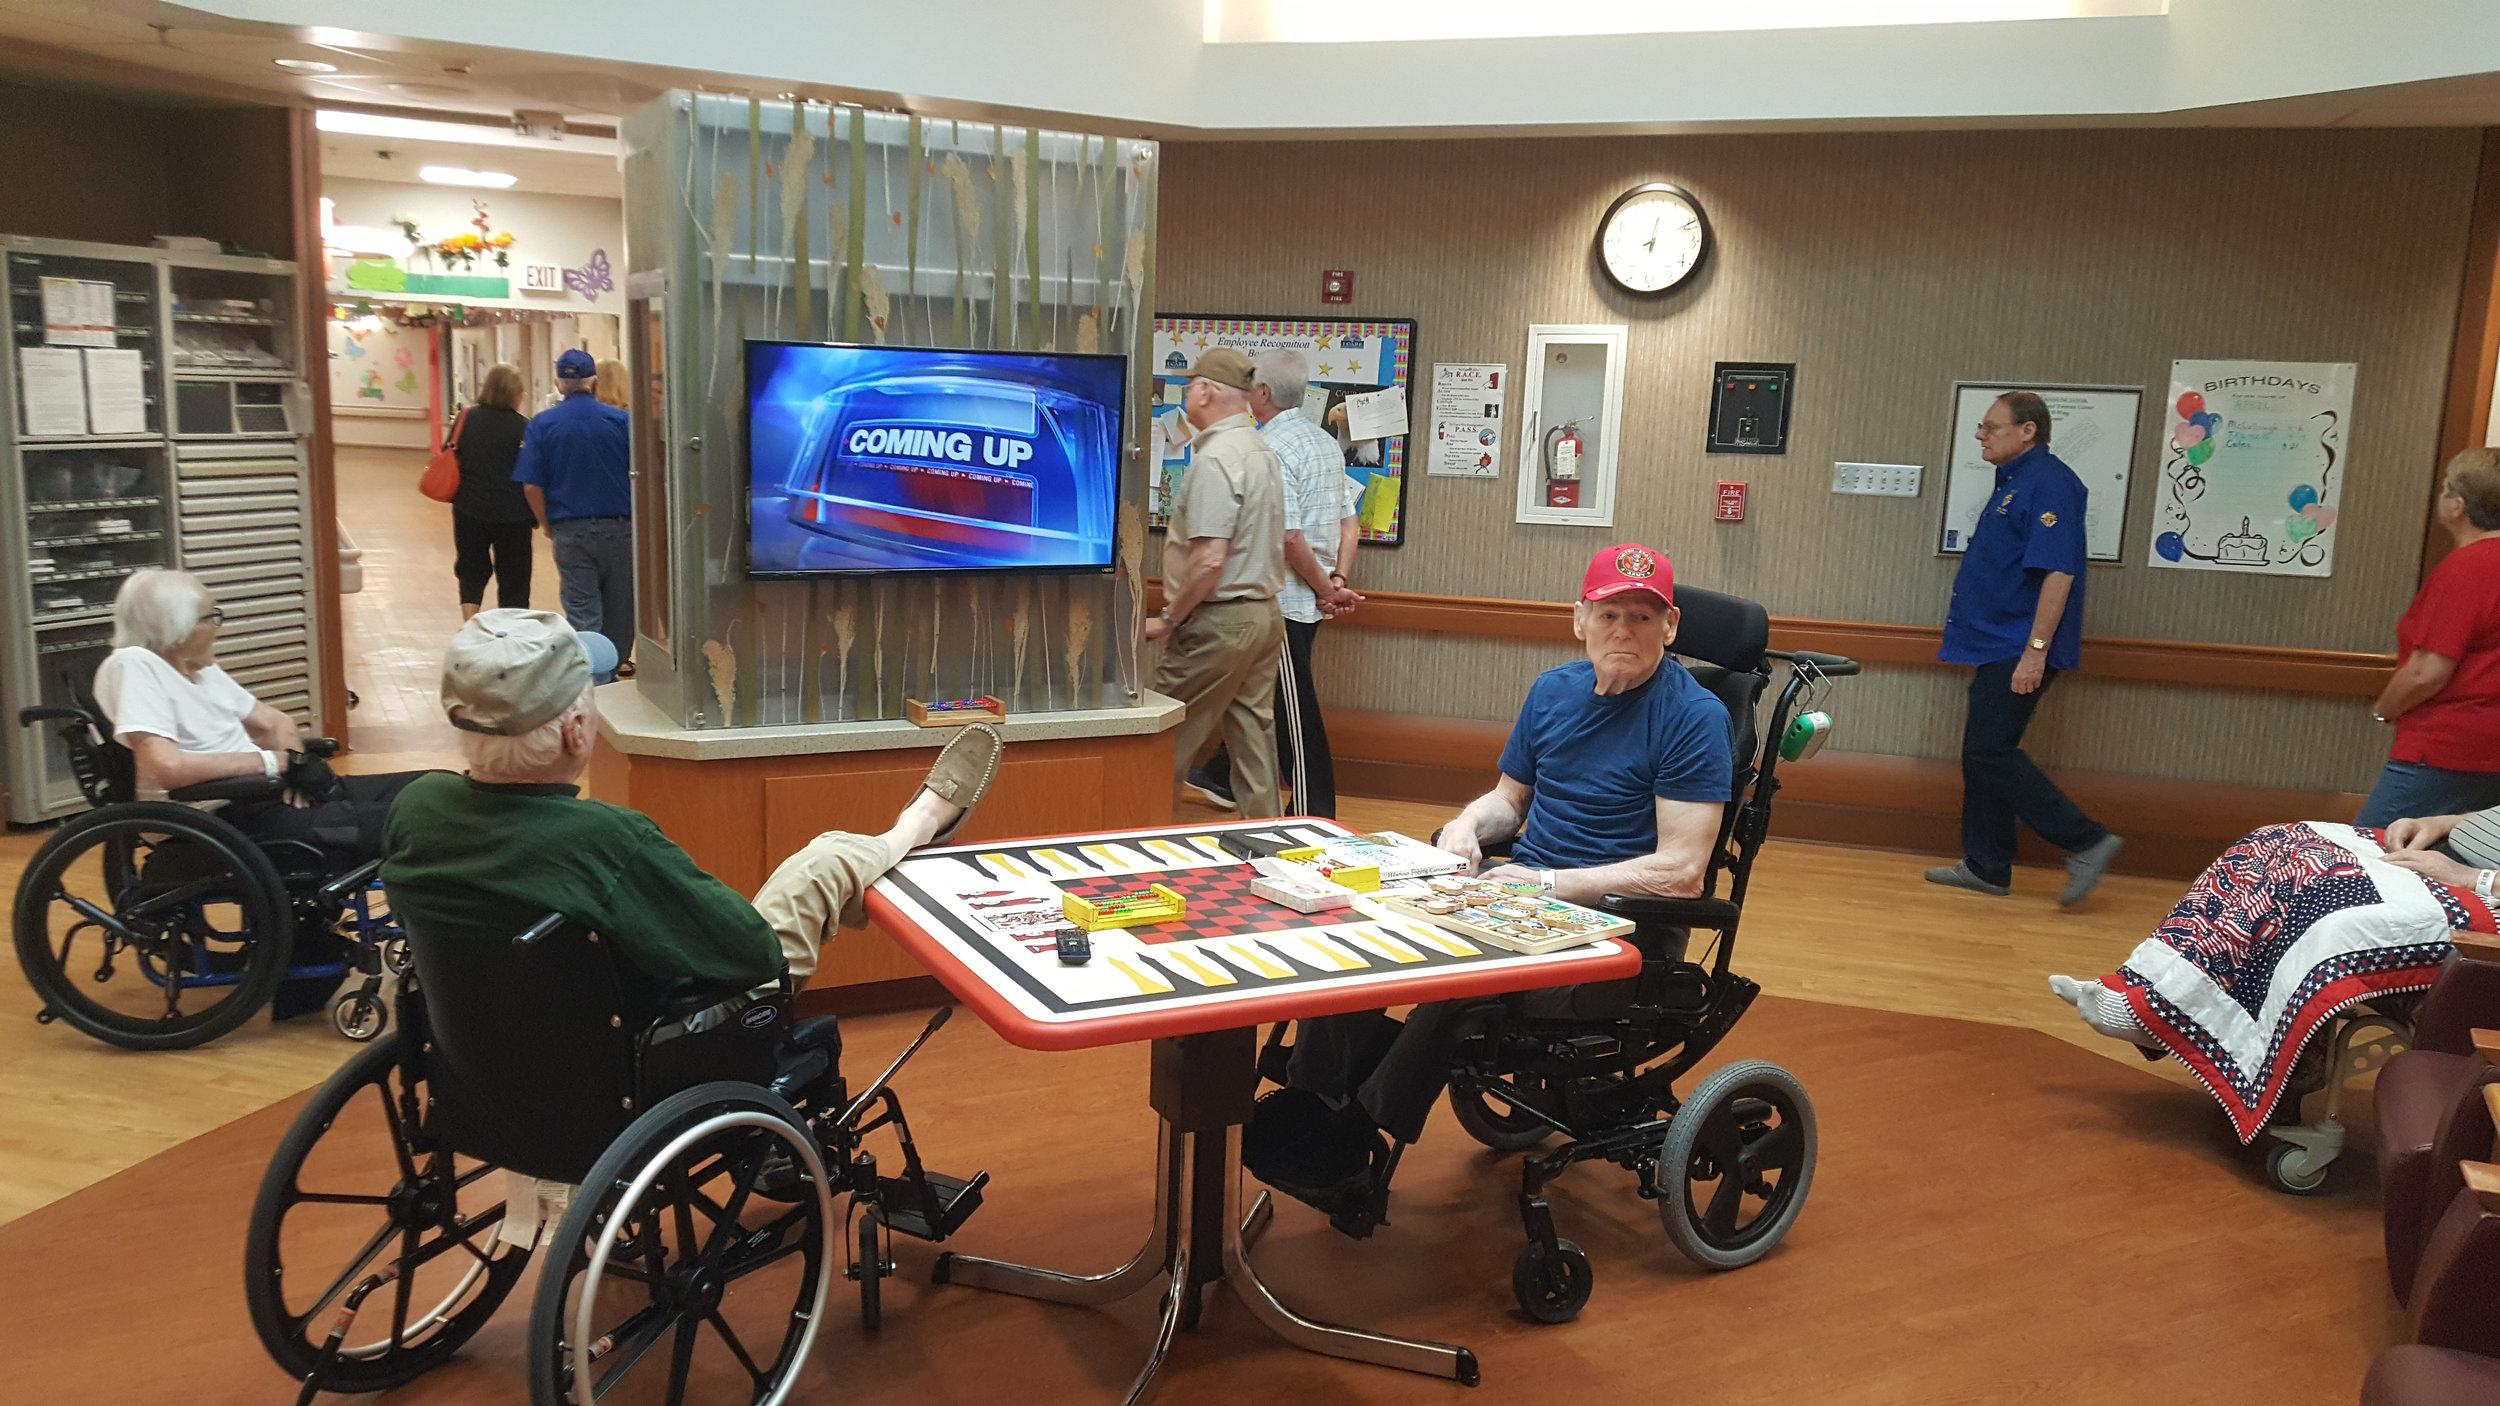 veterans activity room.jpg